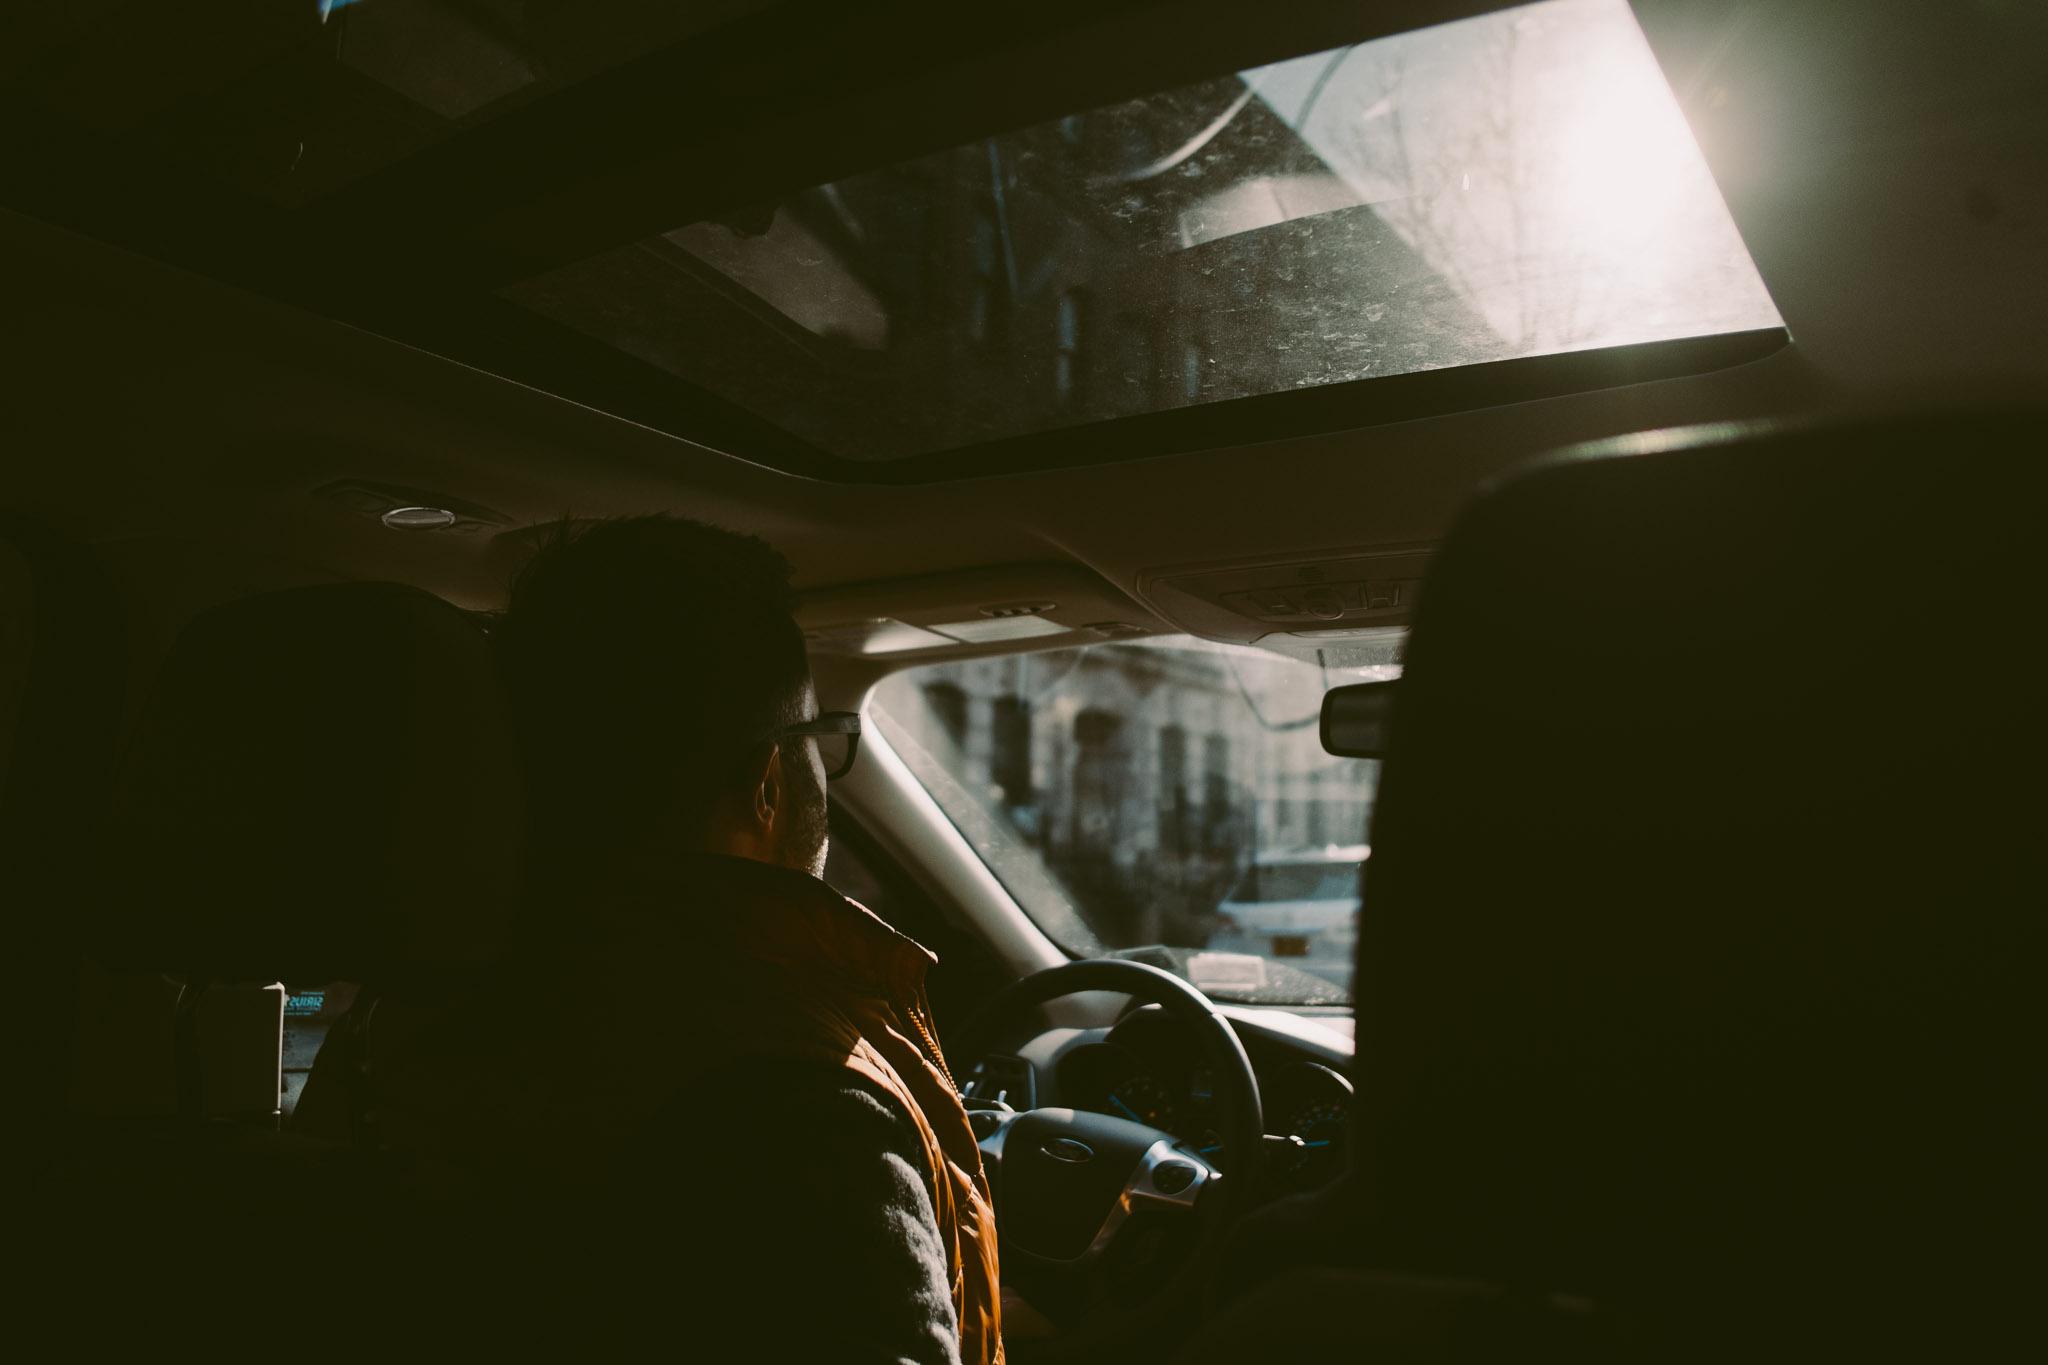 Erik in car